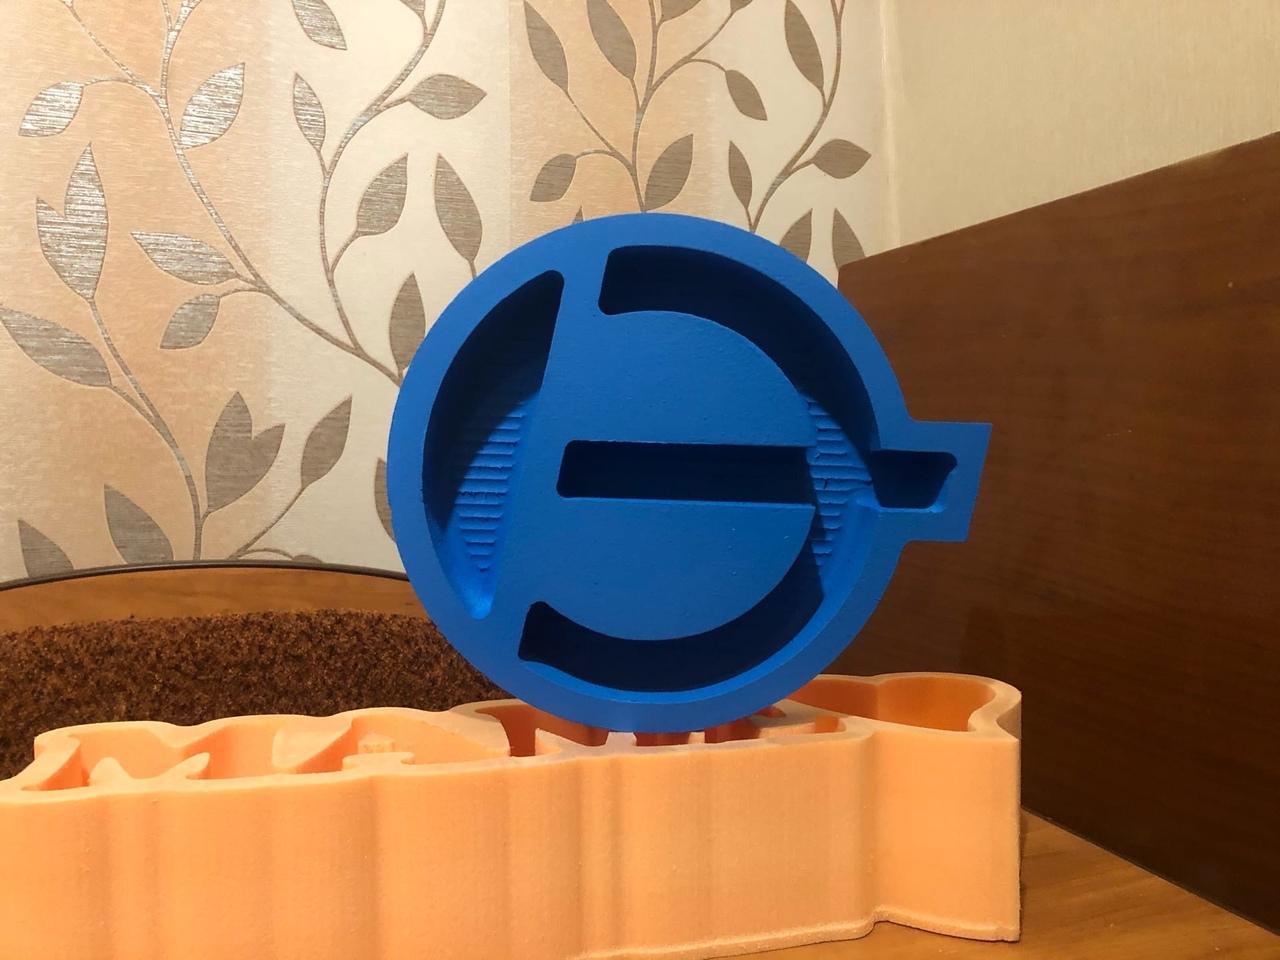 Пенобокс - «Логотип Элтемикс 300х250х50 - Цвет синий» Пенобокс изготовлен из пенополиэстирола экструдированого. Все пенобоксы нашего производства являются цельными !!! Мы их не склеиваем ! Данная упаковка отлично подходит для составления цветочных букетов т.к. не требует дополнительной гидроизоляции. Пенобоксы нашего производства - могут быть с высотой стенки (борта) - 10 см (глубиной 8.5 см) и высотой стенки 5 см (глубиной 4 см). Цвет изделия на стоимость не влияет ! Все пенобоксы окрашиваются специальным полимерным составом, который не взаимодействует с водой. Пенобоксы нашего производства не окрашиваются от контакта с водой. Преимущества наших пенобоксов перед изделиями подобного типа, производимыми нашими конкурентами - 100% герметичность (не протекают) и 100% не взаимодействие с водой (не окрашиваются)! #пенобоксыбелгород, #пенобоксы, пенобоксы, пенобоксыбелгород, Белгород, Пенобоксысердце - Цена, Стоимость - 164 руб.(доставка по всей России)